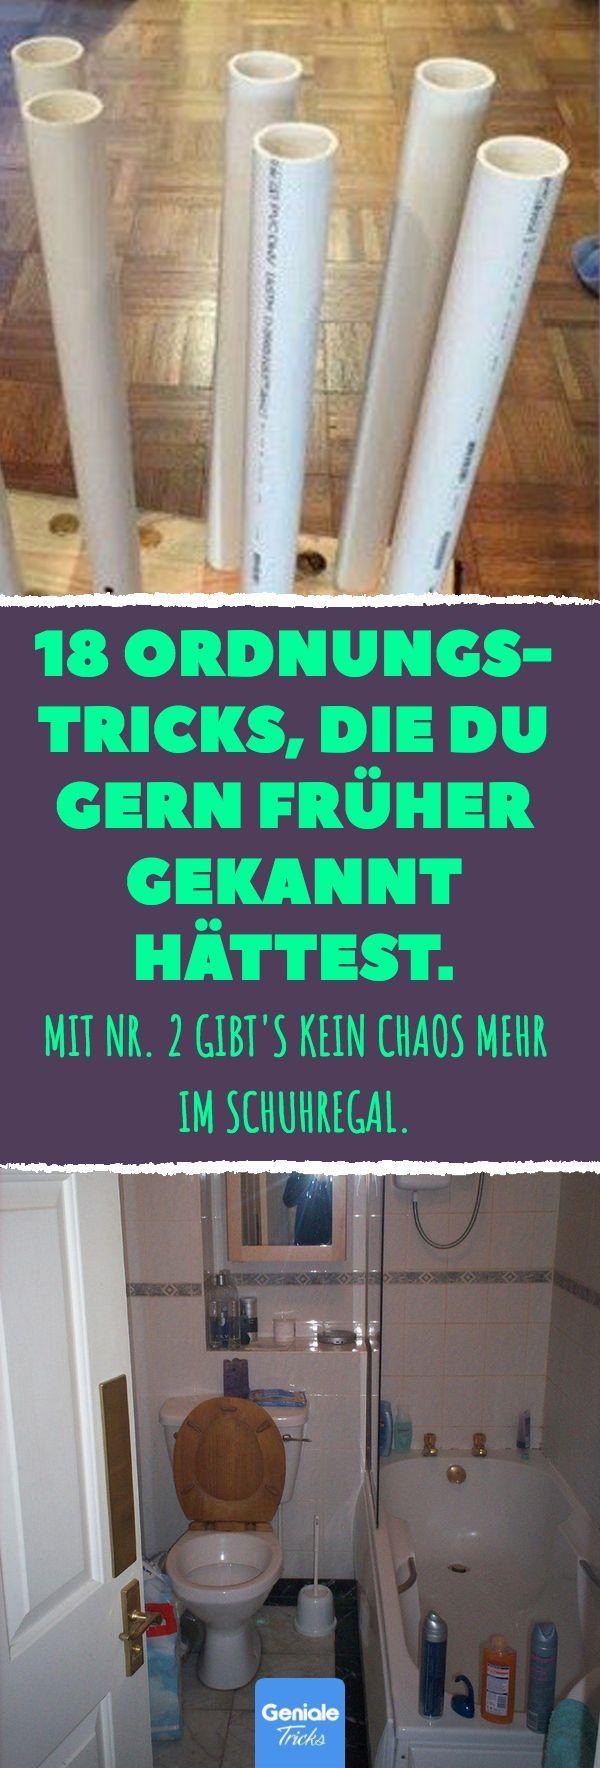 18 Ordnungstricks, die du gern früher gekannt hättest. Mit Nr. 2 gibt's kein Chaos mehr im Schuhregal. 18 Tricks und clevere Ideen für mehr Ordnung im Haushalt. #Ordnung #Tricks #Ideen #DIY #Haushalt #Stauraum